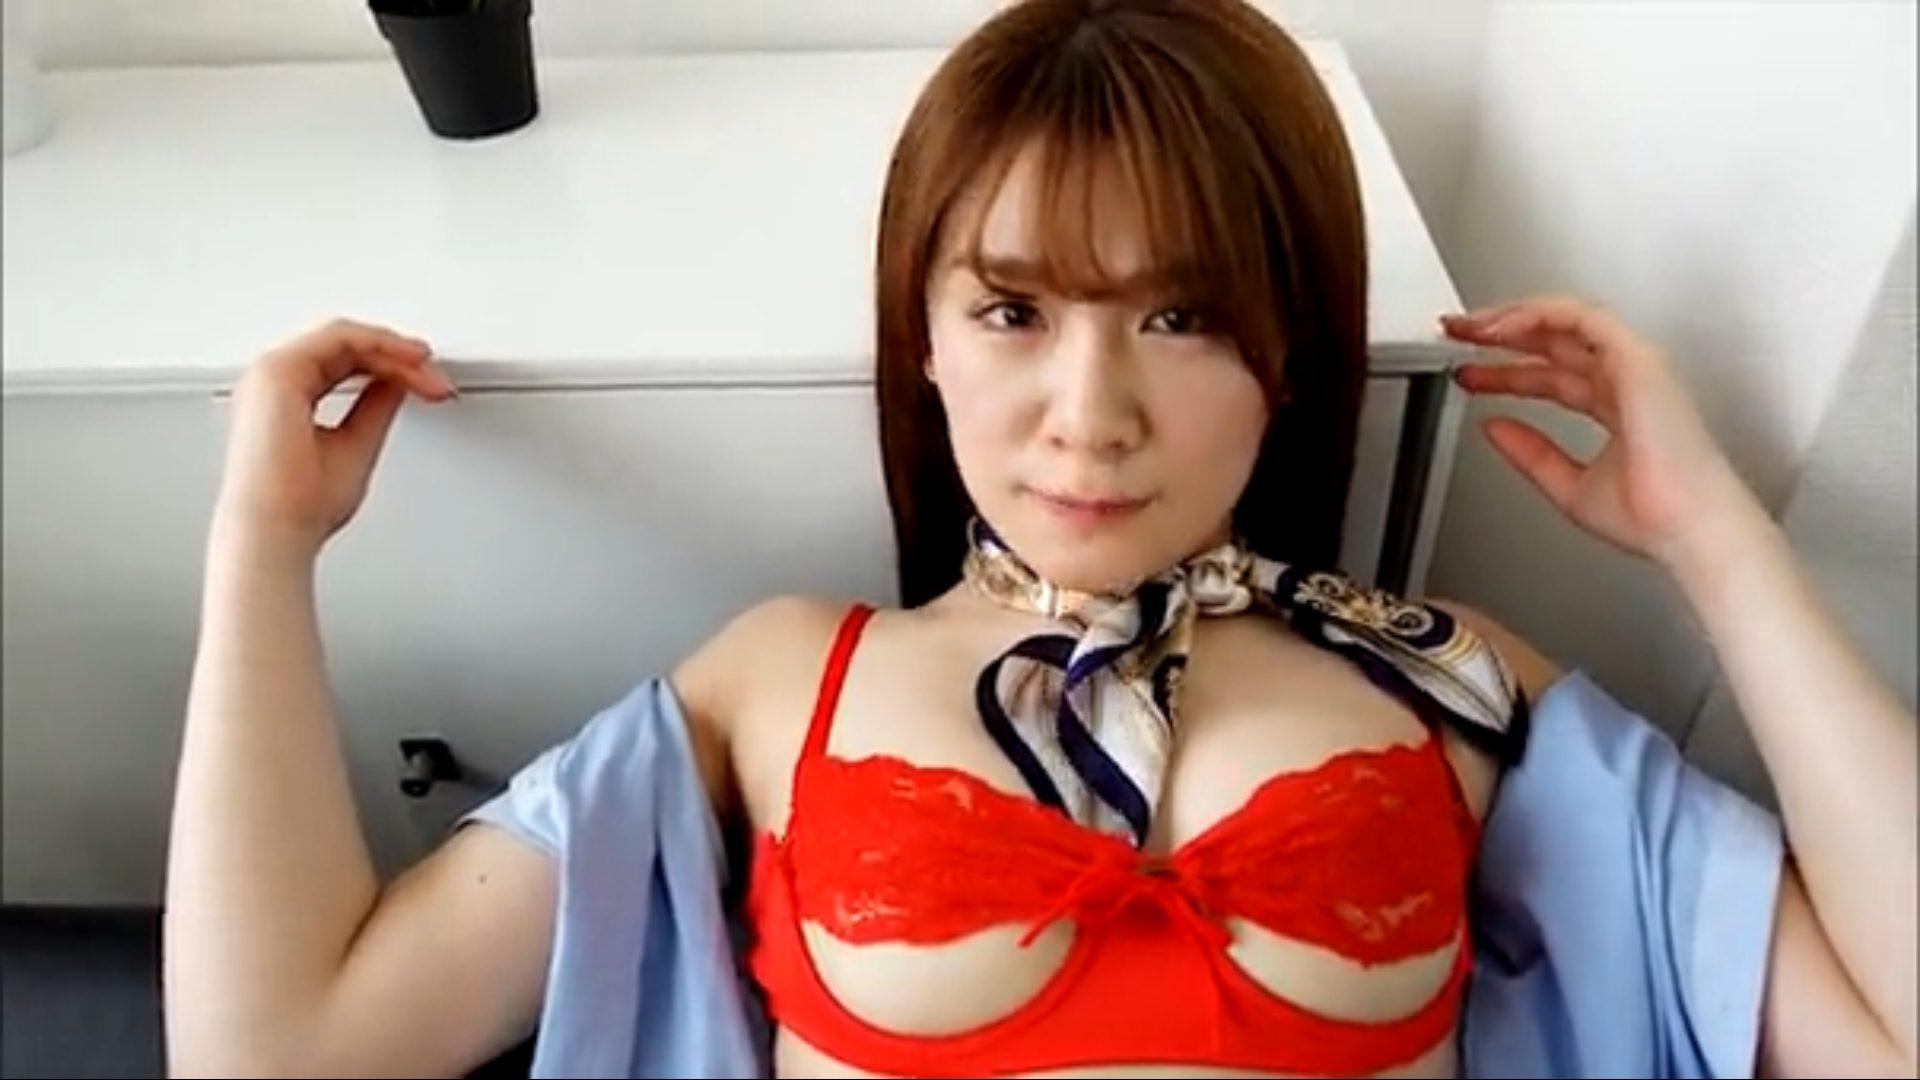 【遠野千夏(金山睦)】Dカップ34 「あなた、ごめんなさい」サンプル動画